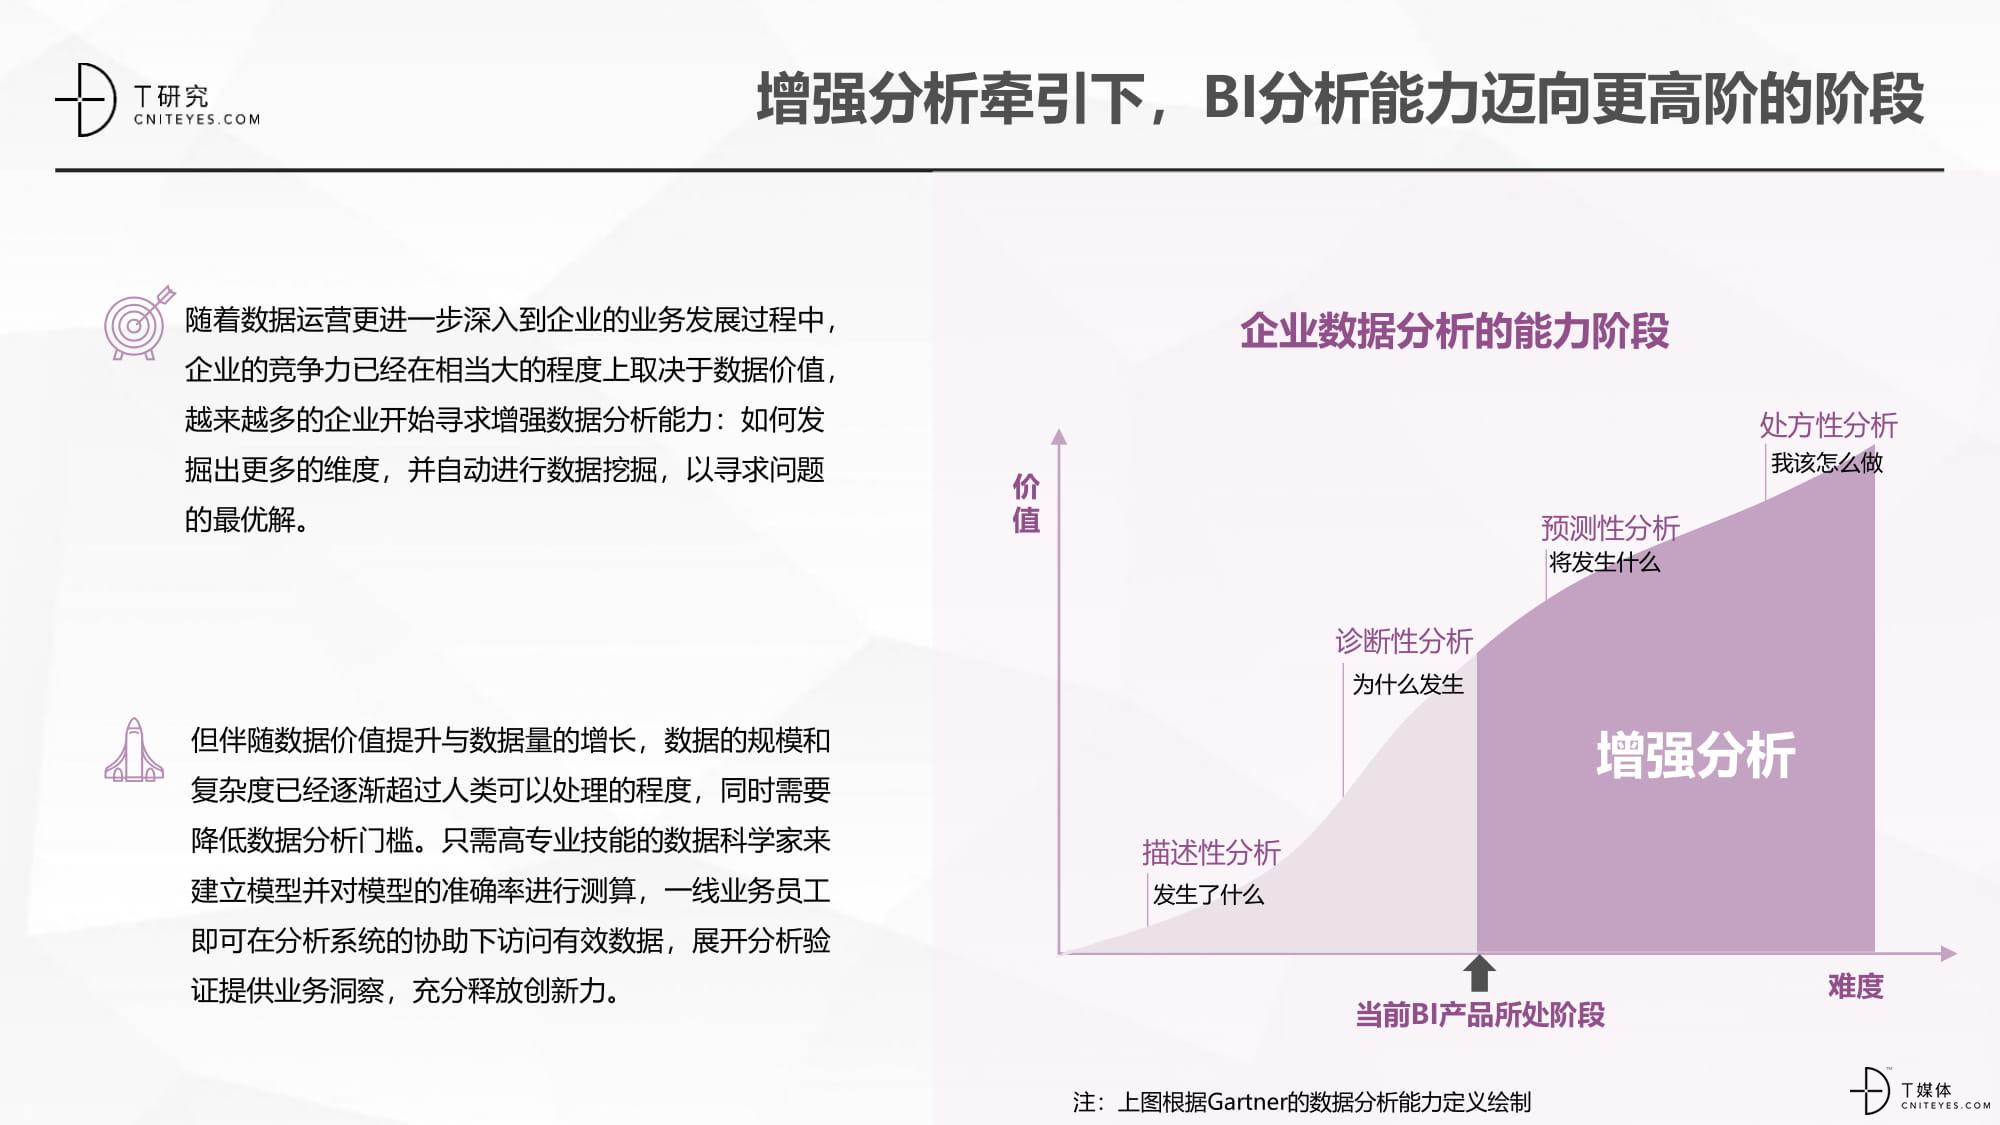 2020中国BI指数测评报告-37.jpg